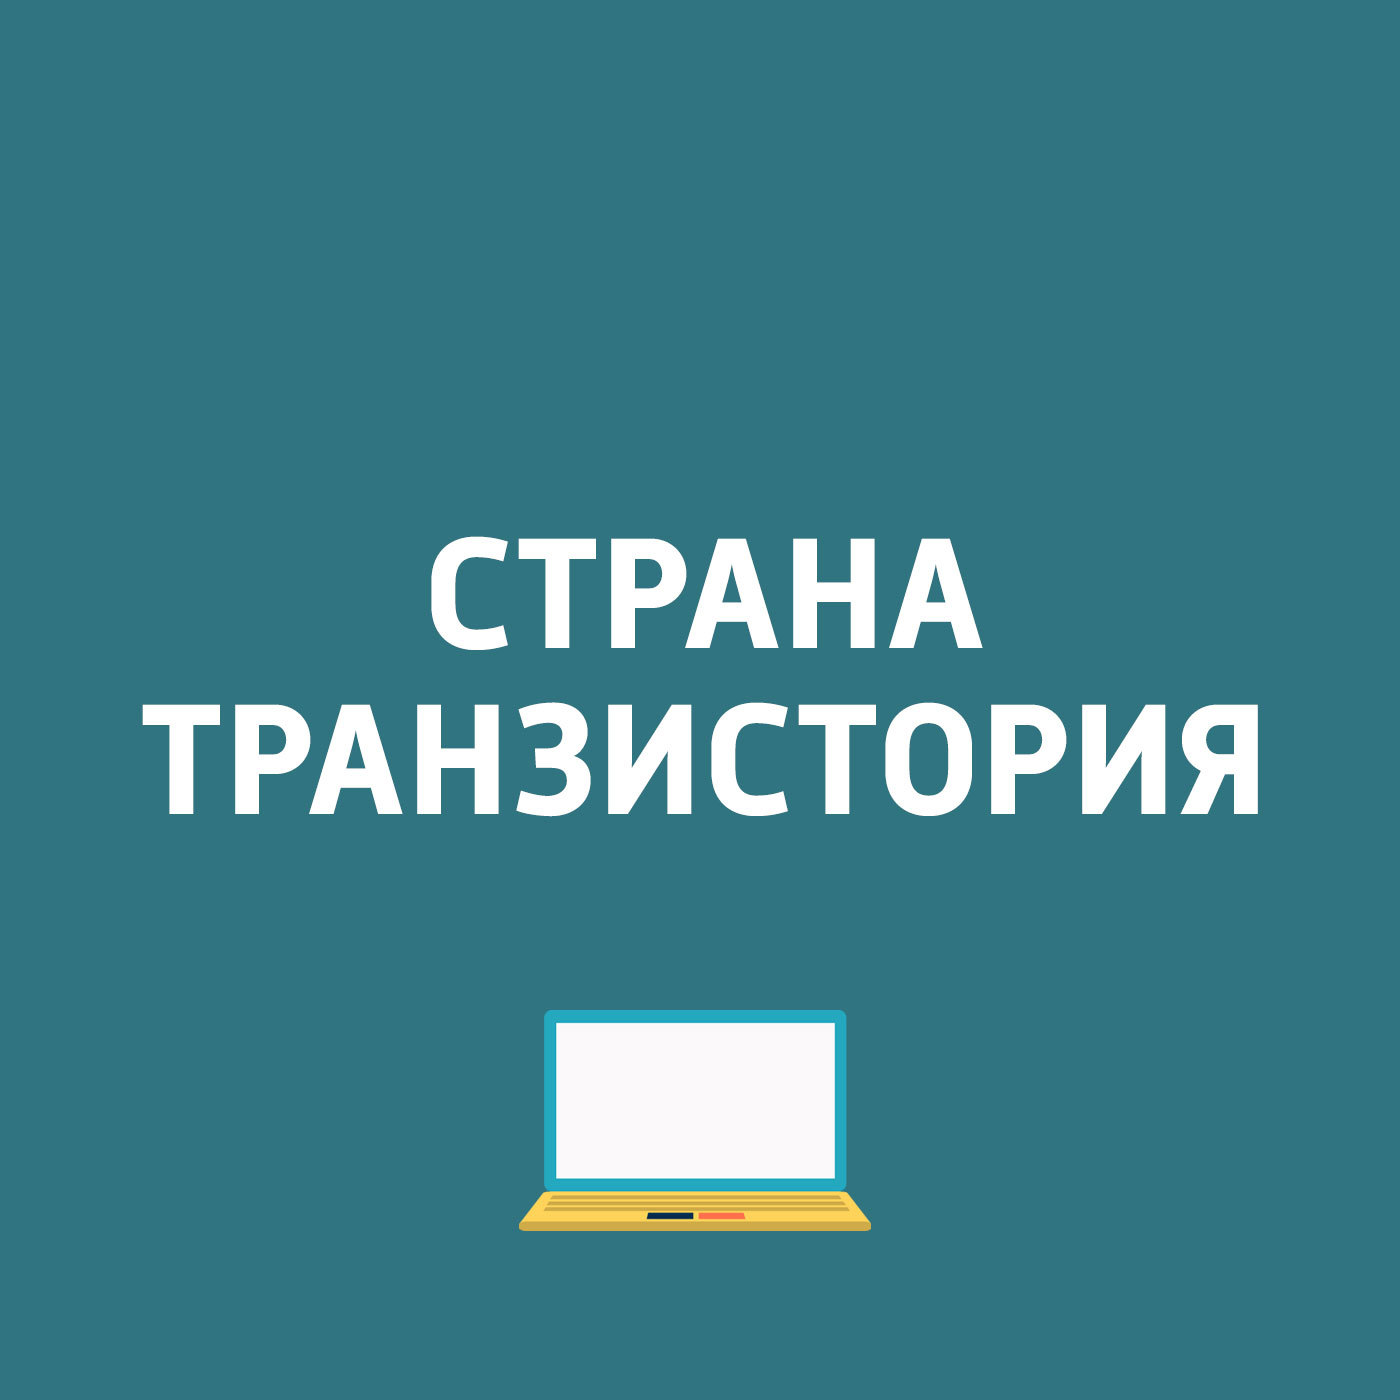 Картаев Павел Twitter и реклама, Apple Watch 2, iPhone 5SE картаев павел meizu m5 девять российских банков начали работать с apple pay